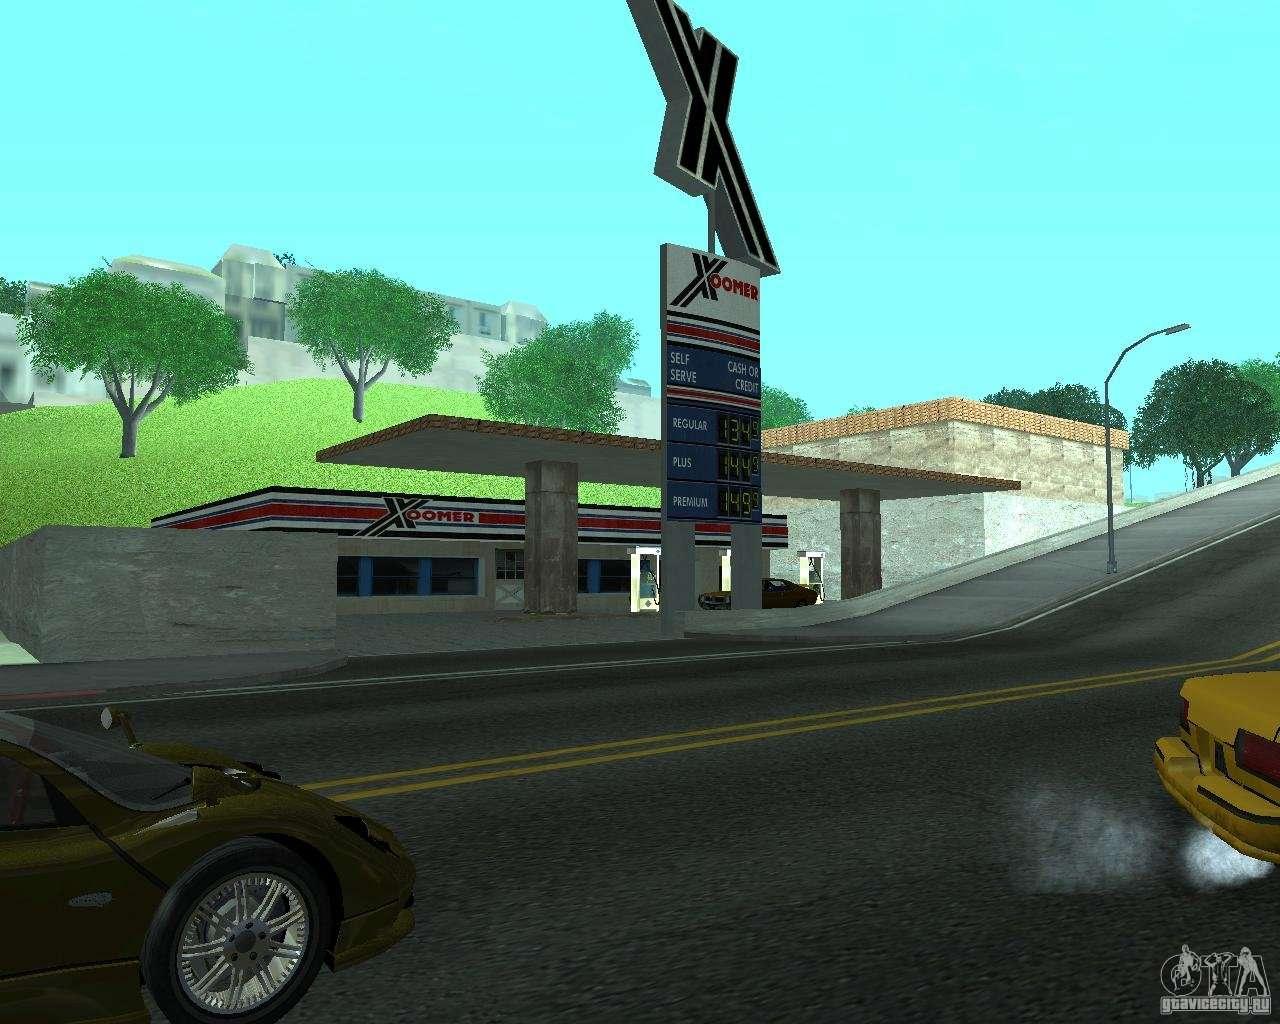 Скачать Сохранение Для Gta San Andreas Ограбление Казино